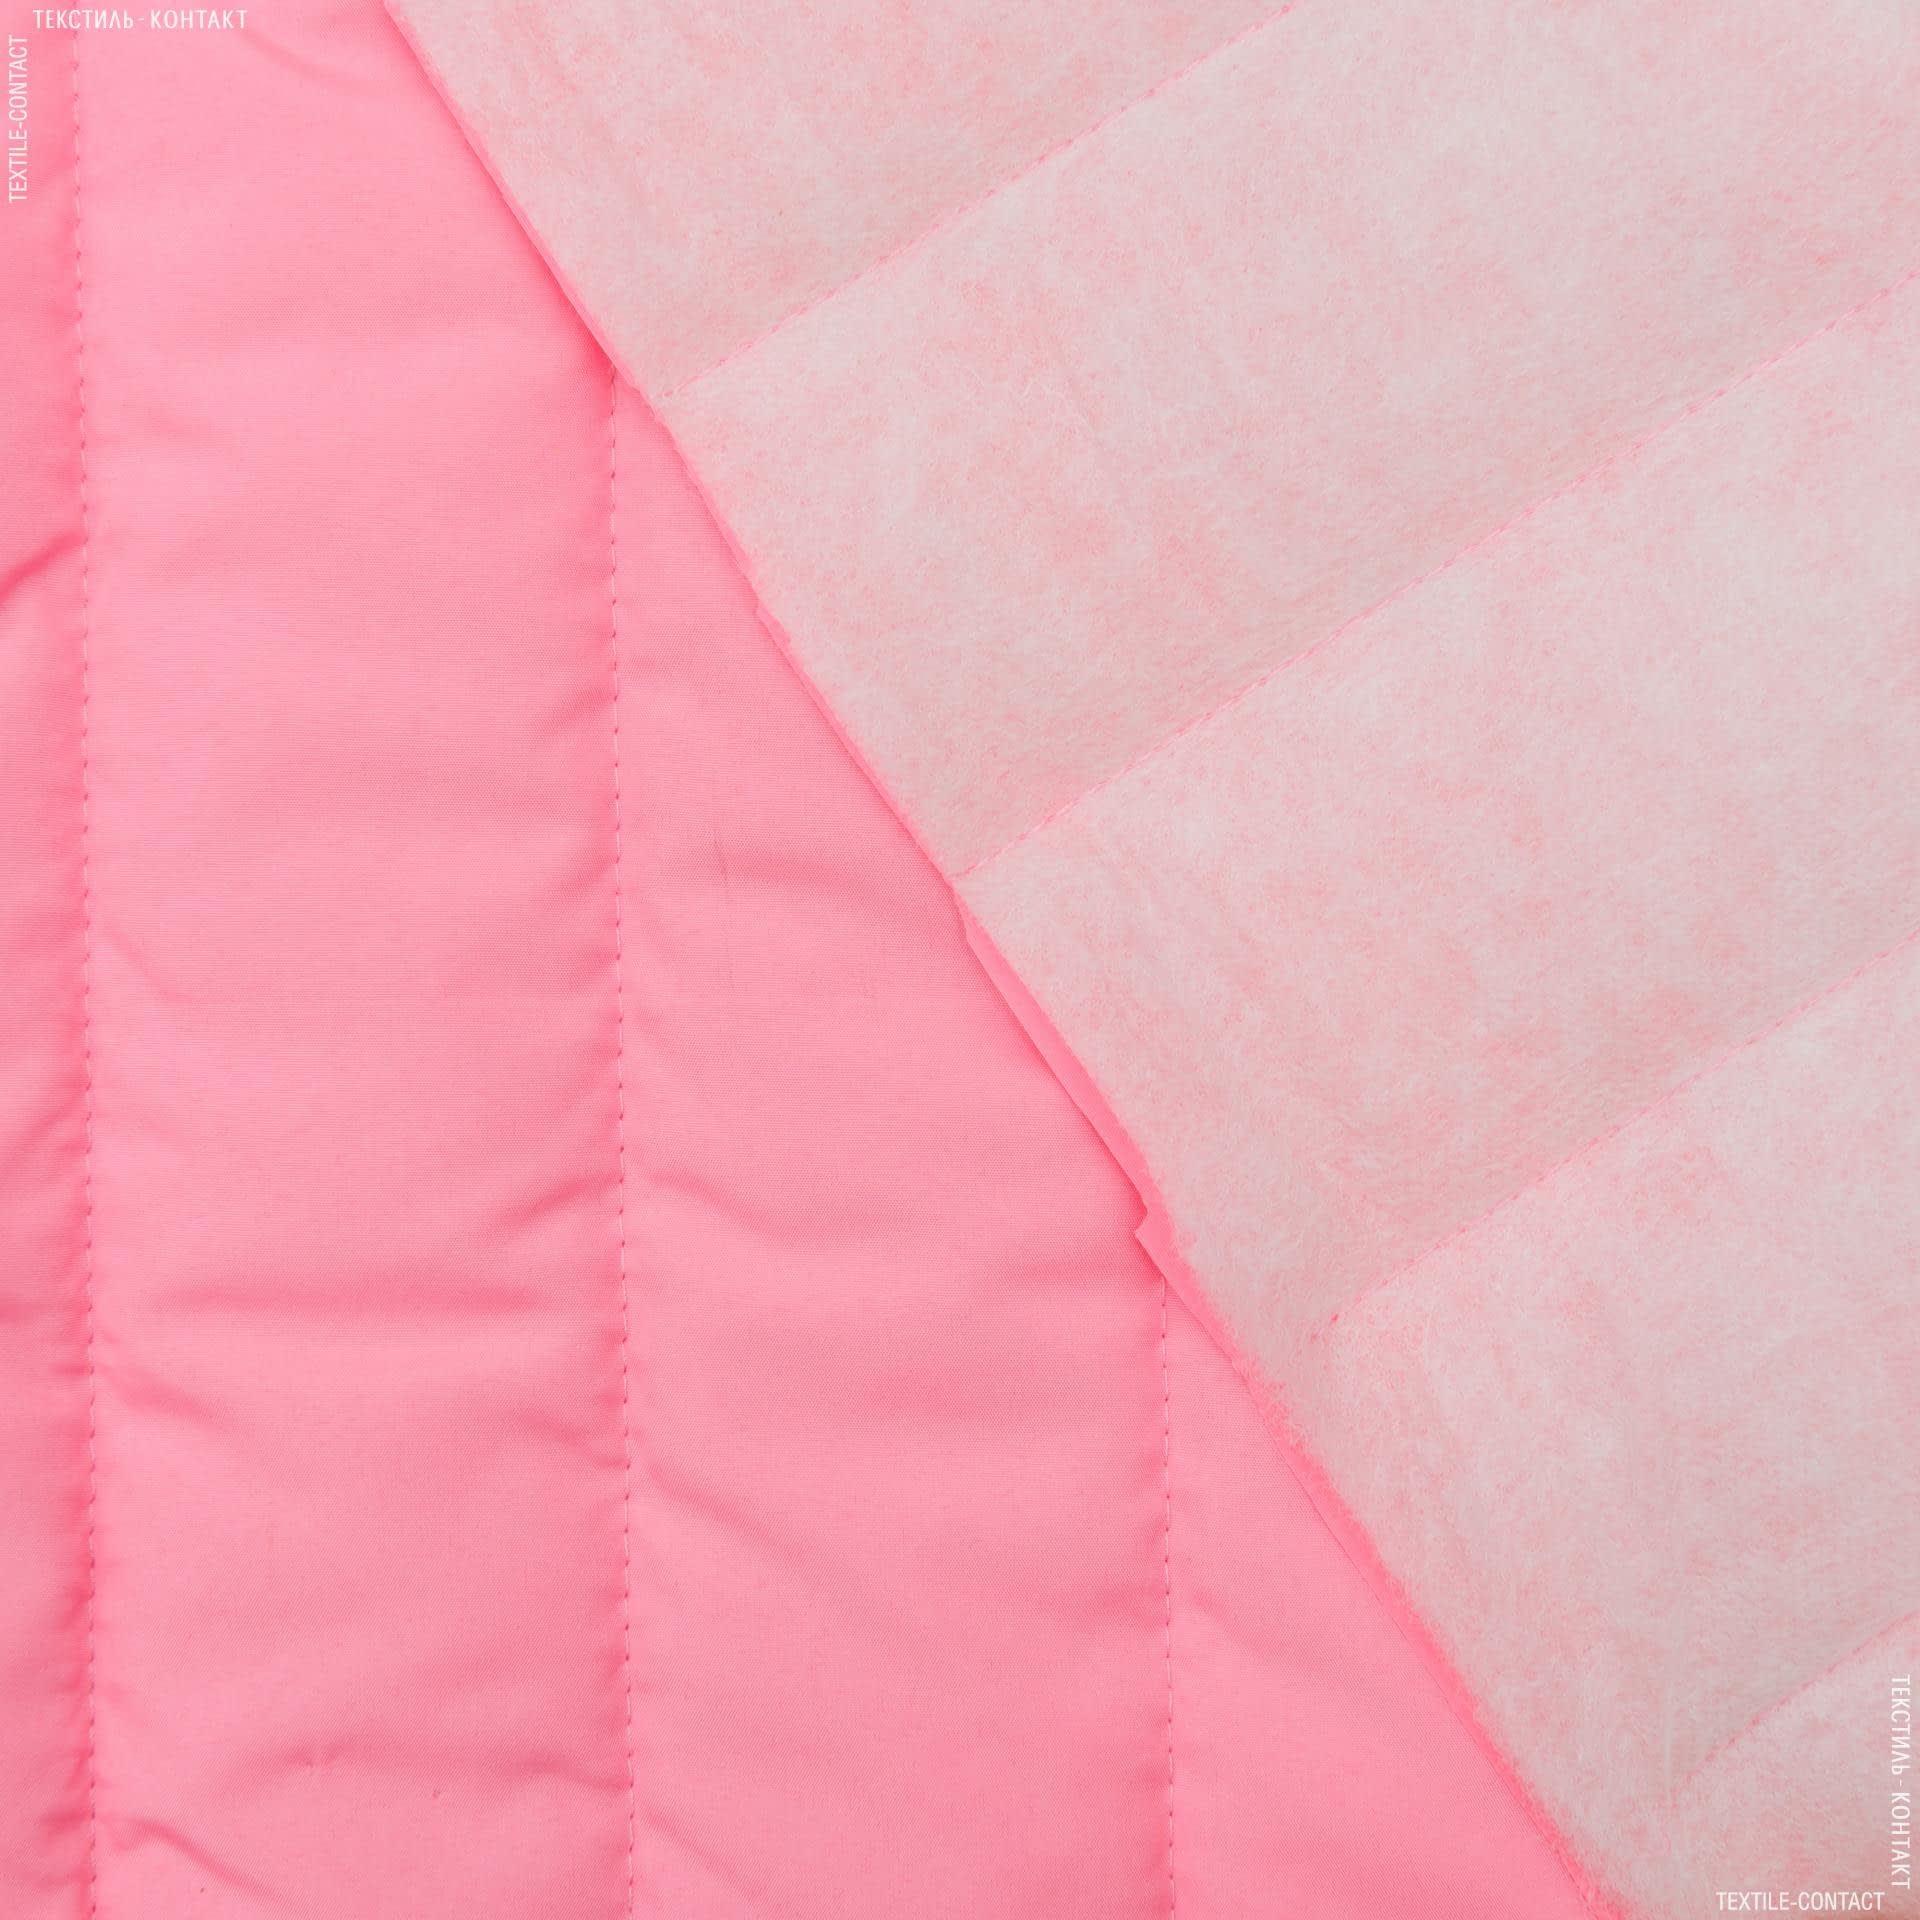 Ткани для верхней одежды - Плащевая фортуна стеганая ярко-розовый